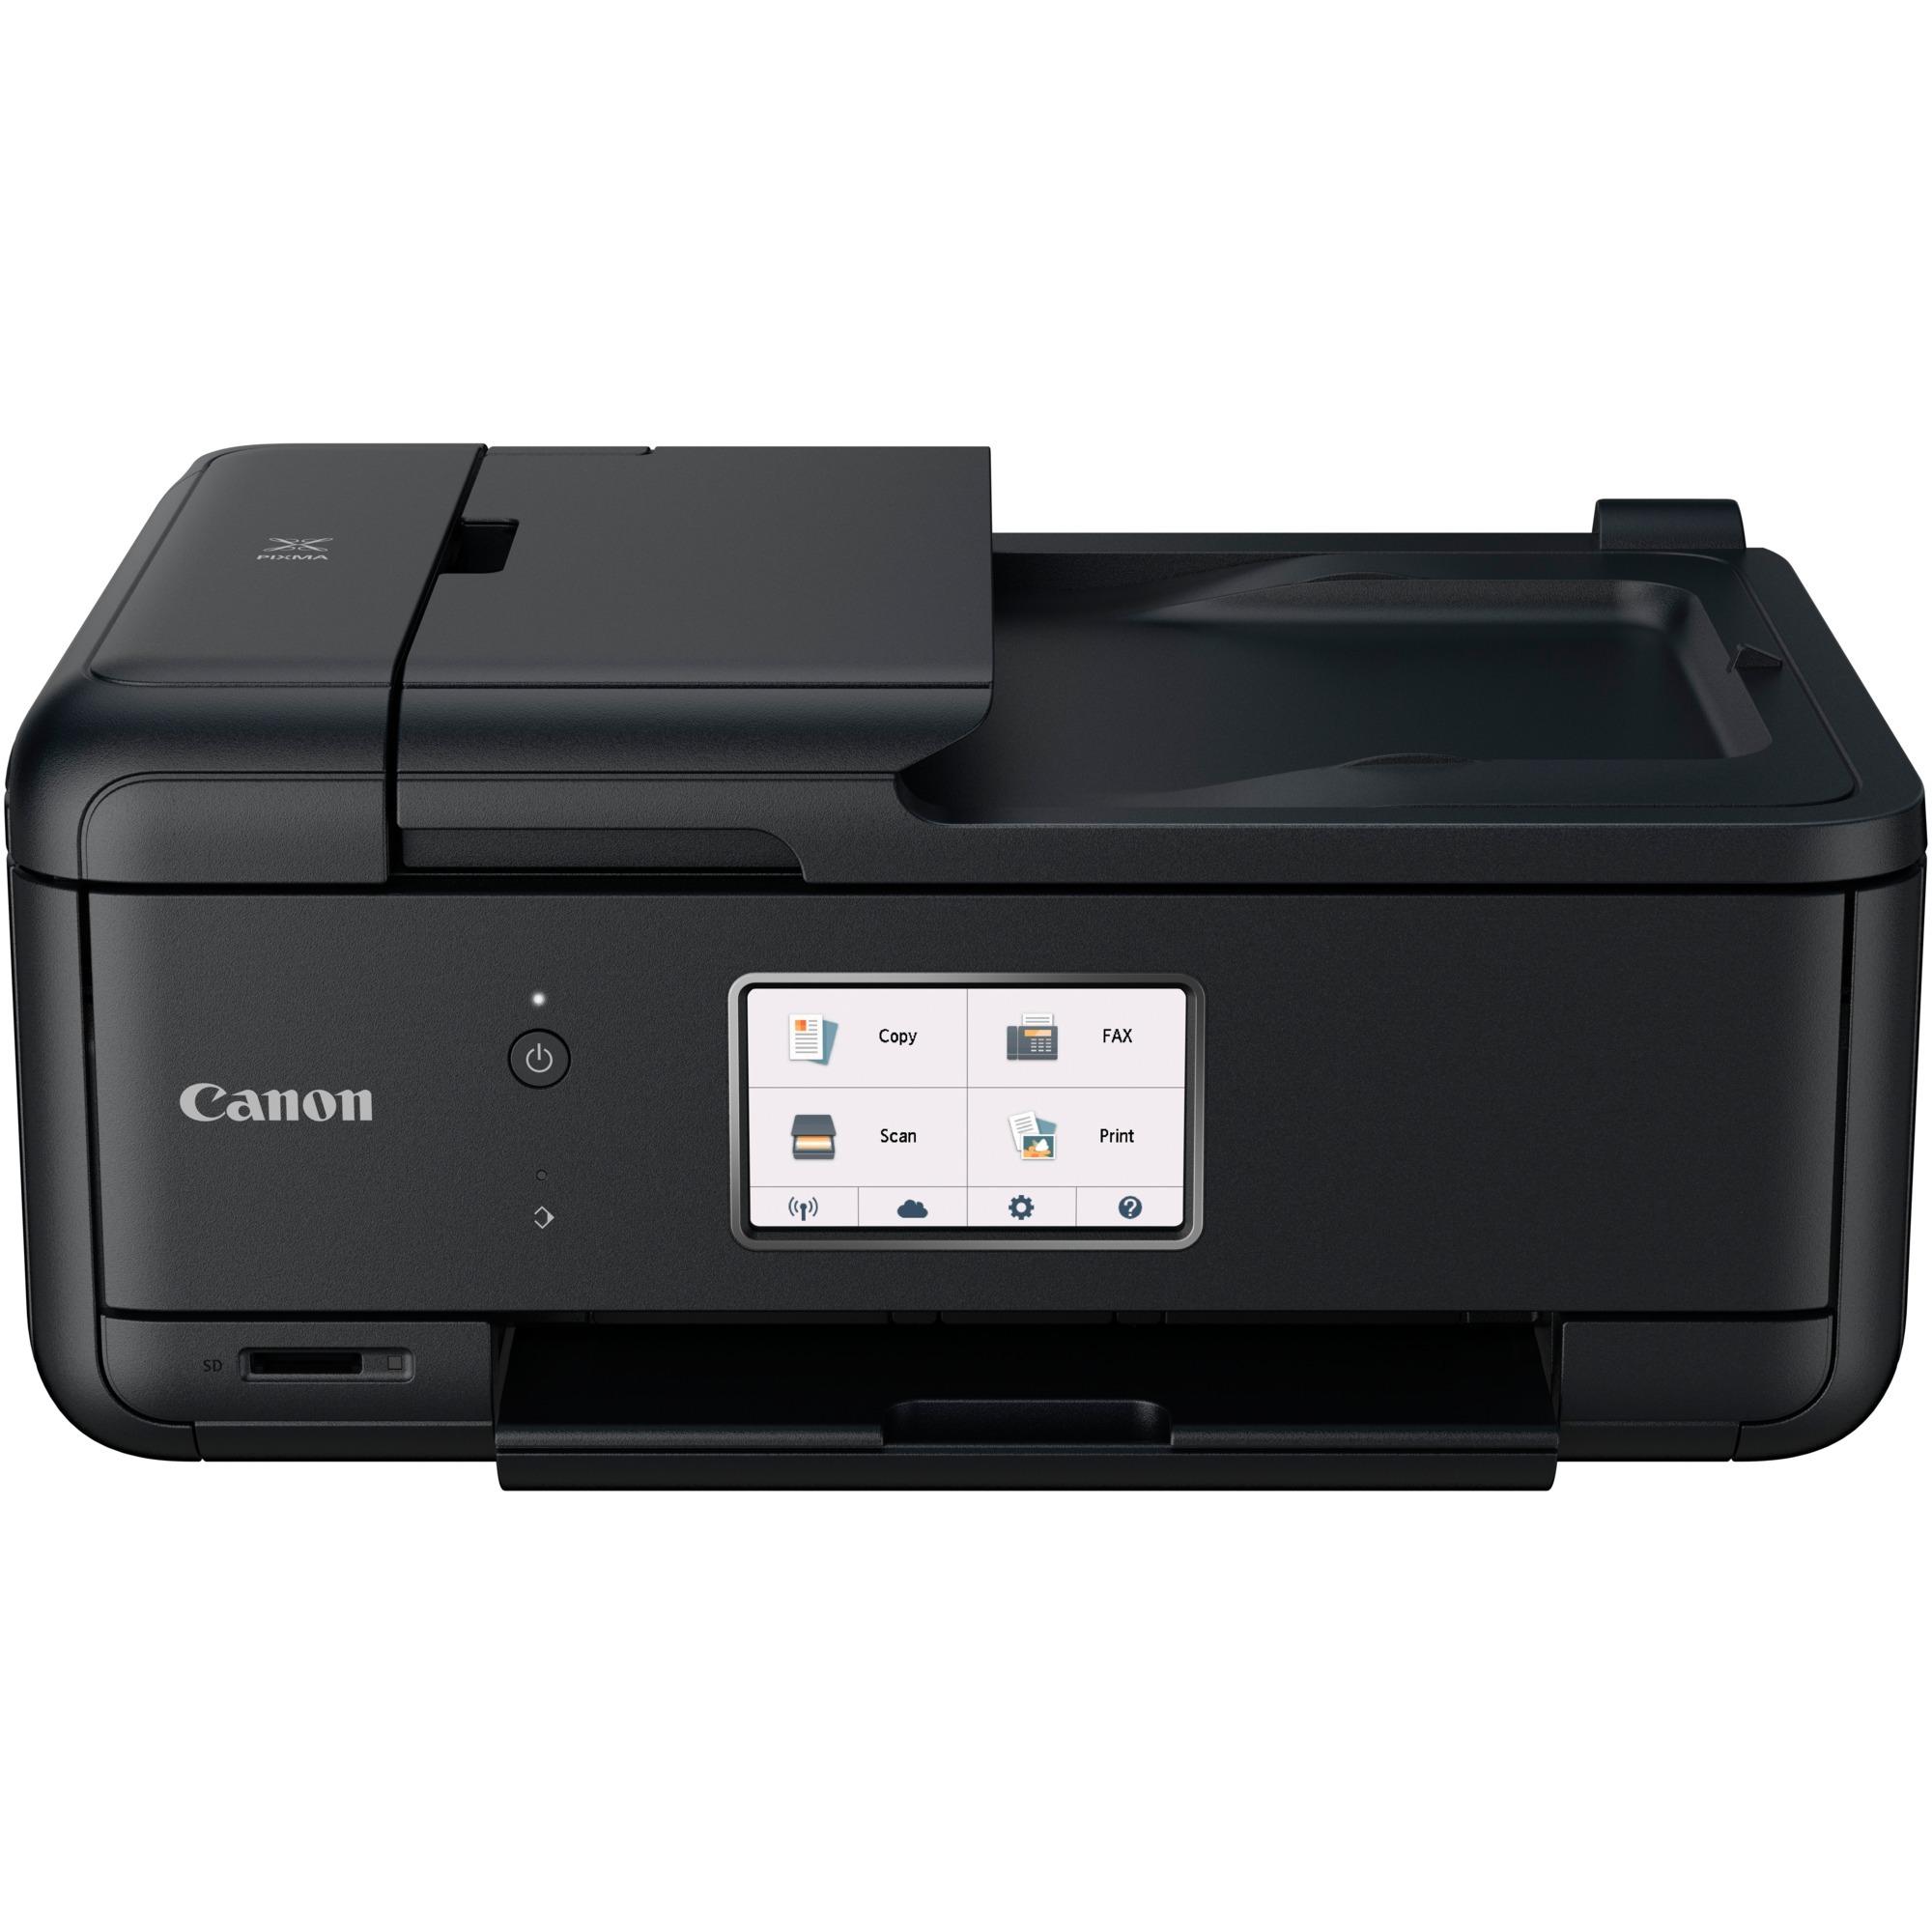 PIXMA TR8550 4800 x 1200DPI Jet d'encre A4 Wifi, Imprimante multifonction